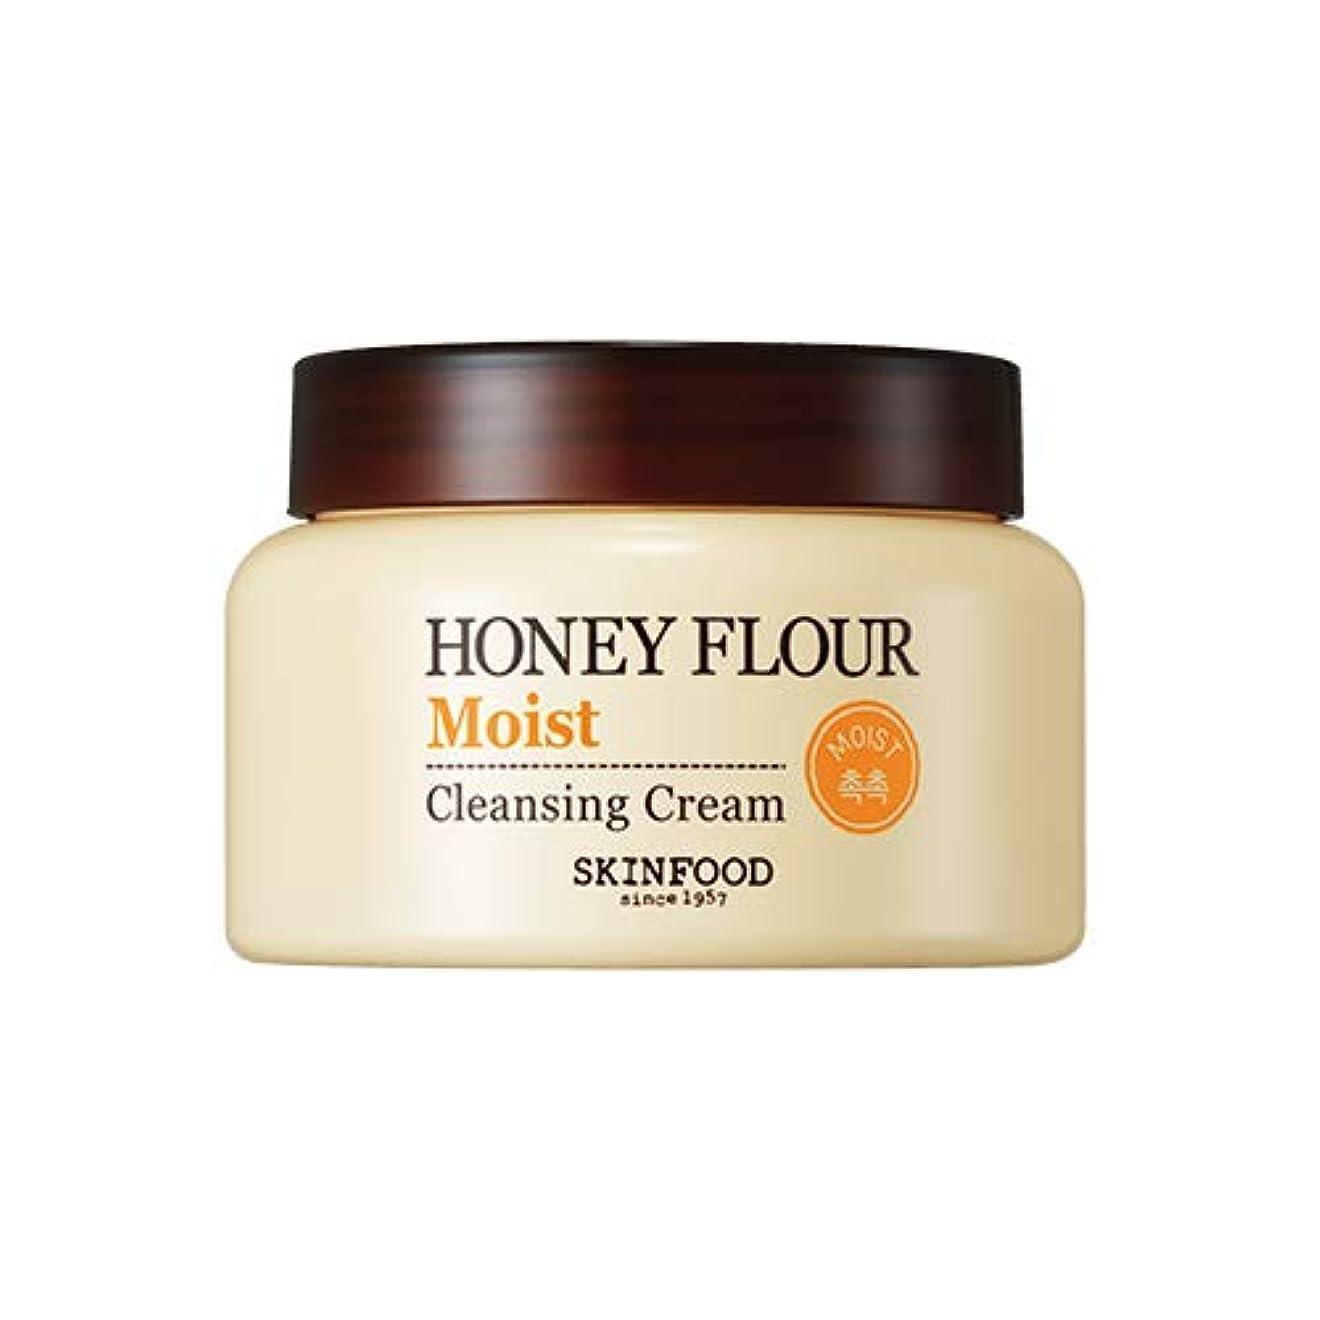 不正確アートオフSkinfood/Honey Flour Moist Cleansing Cream/ハニーフラワーモイストクレンジングクリーム/225ml [並行輸入品]